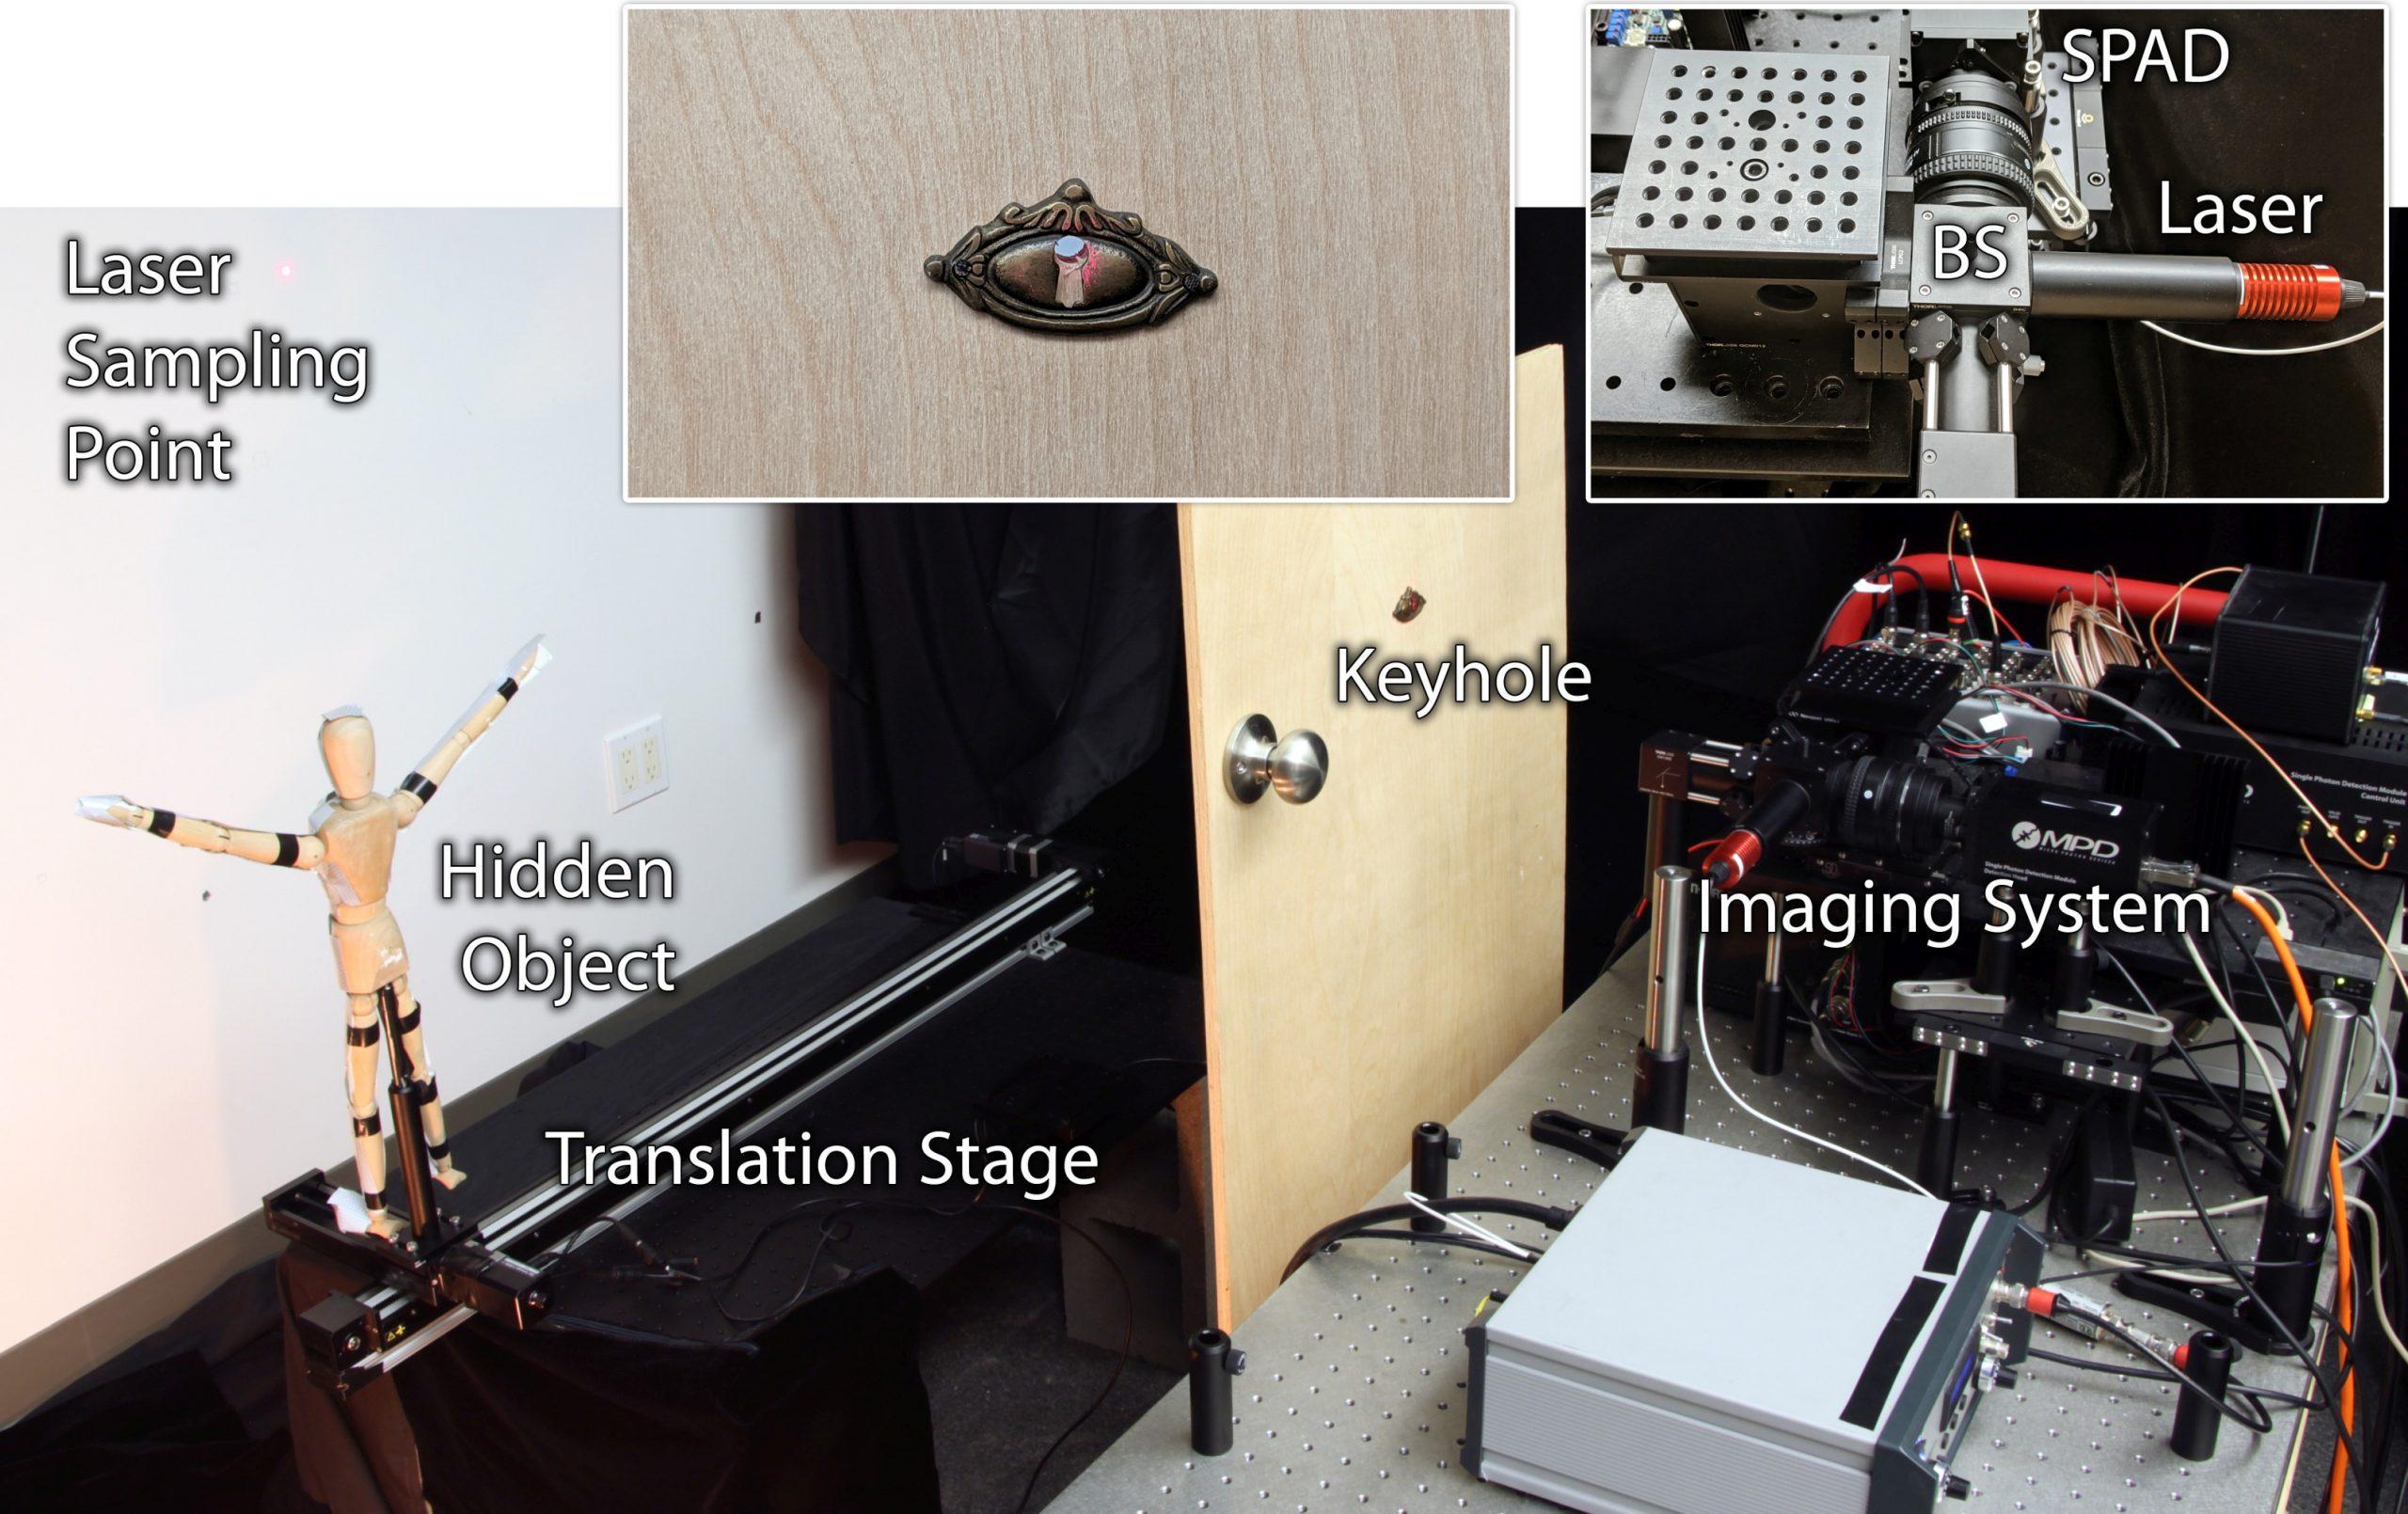 Keyhole Imaging Prototype